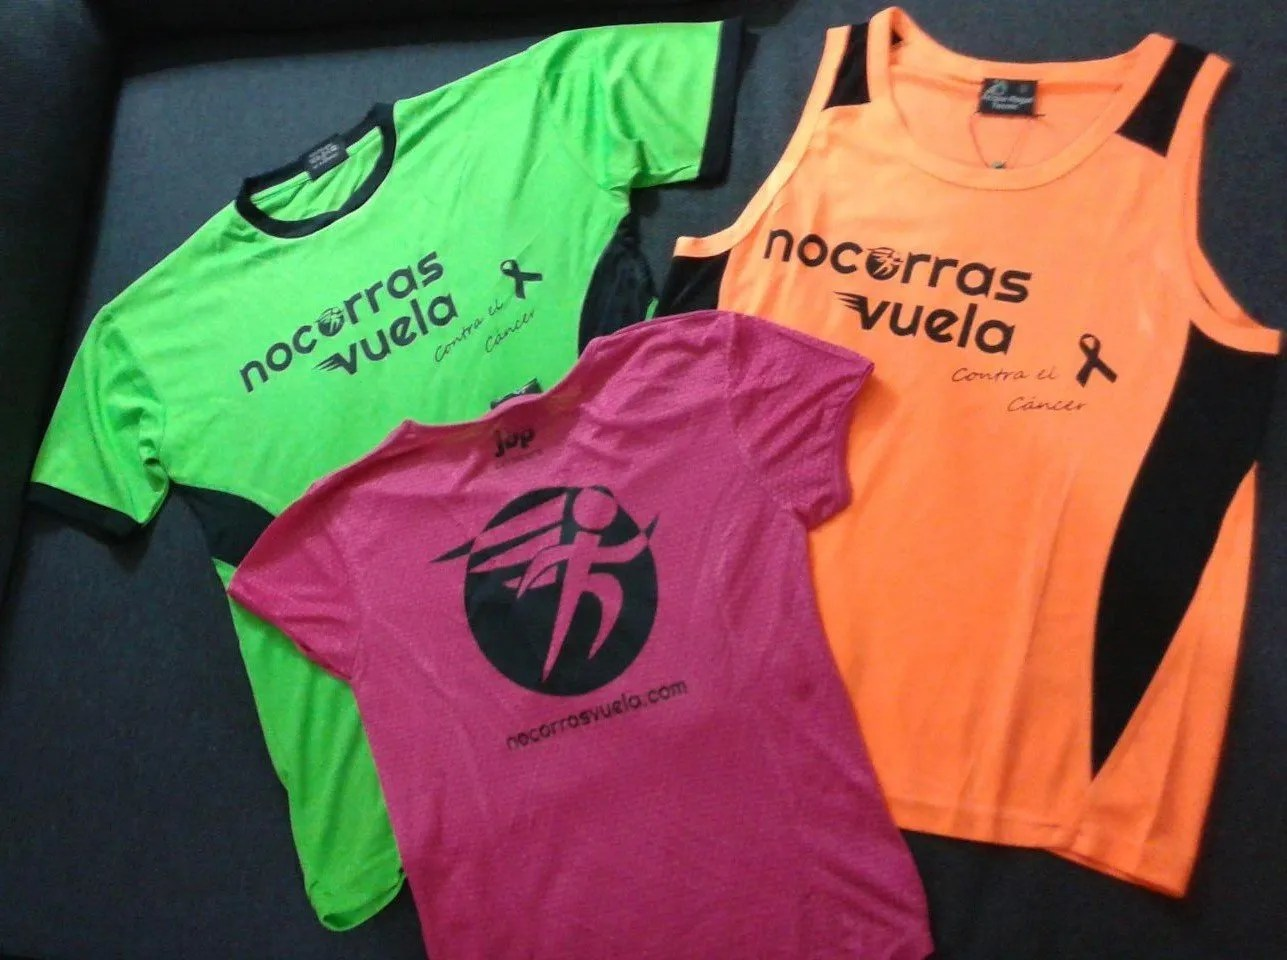 camisetas que corren contra el cancer